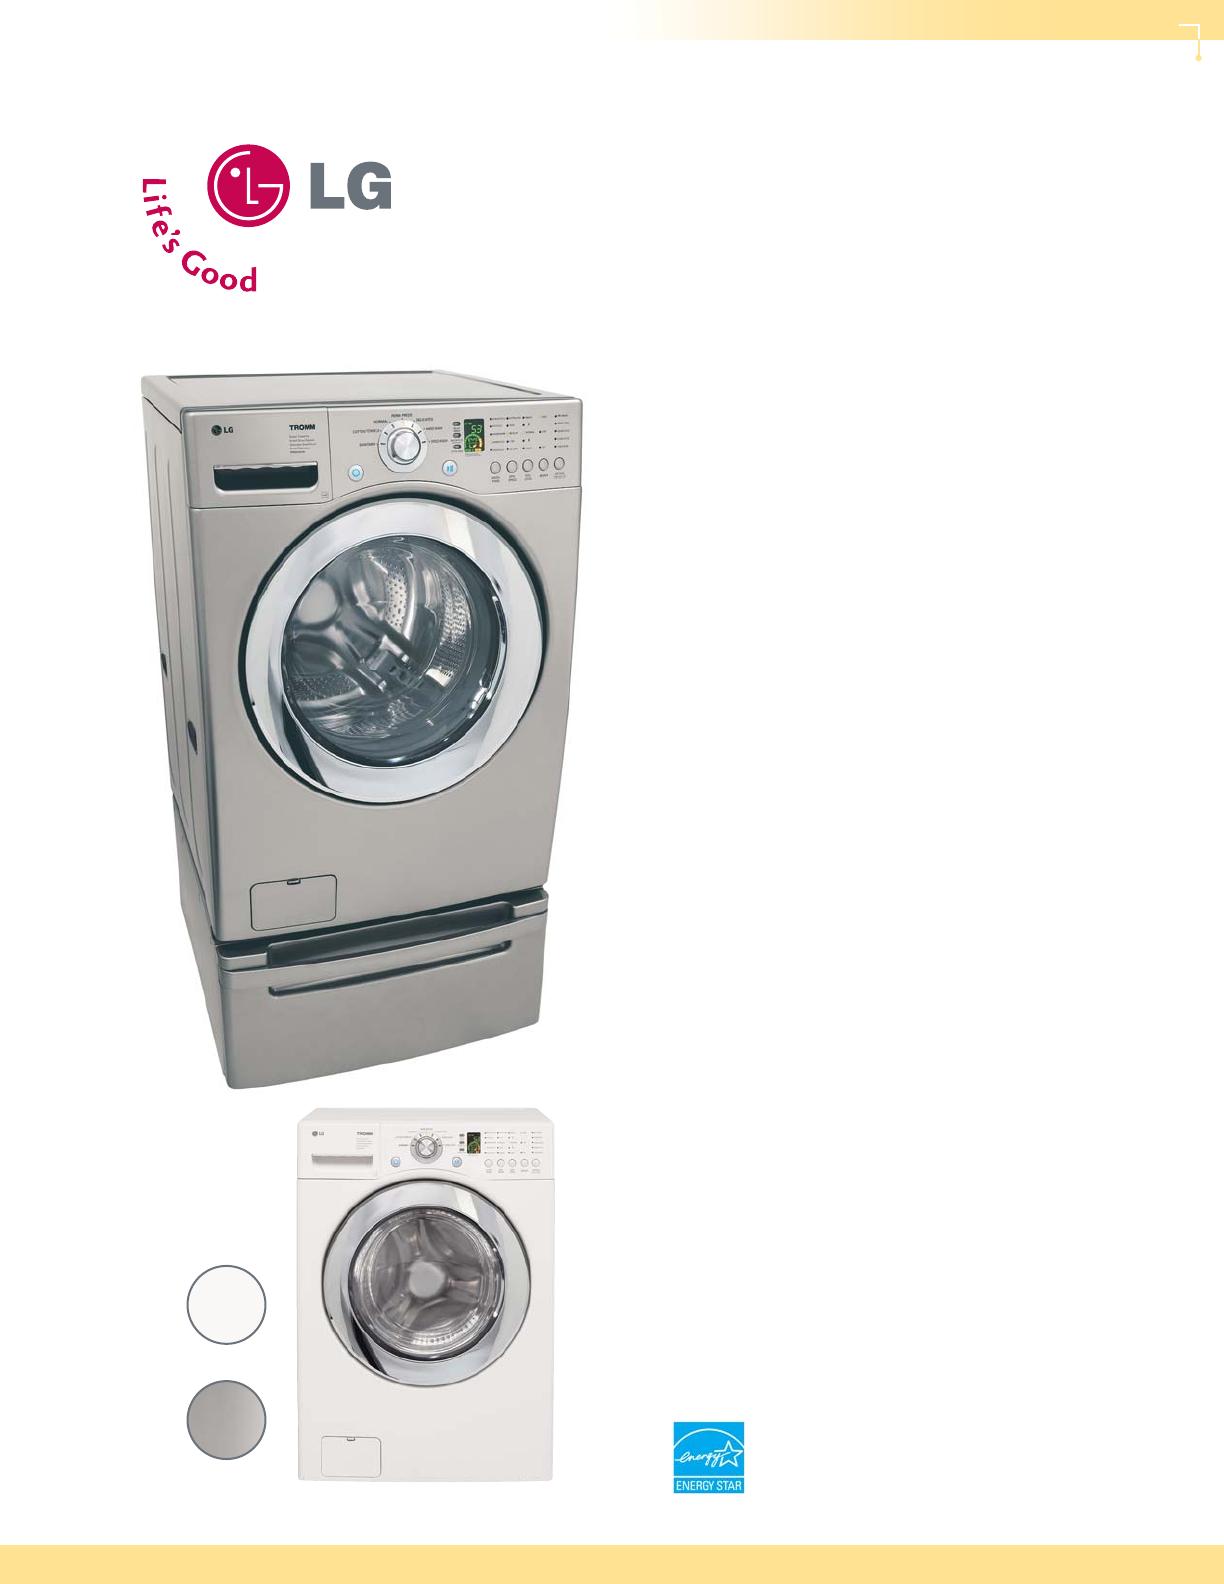 lg electronics washer wm2233h user guide. Black Bedroom Furniture Sets. Home Design Ideas